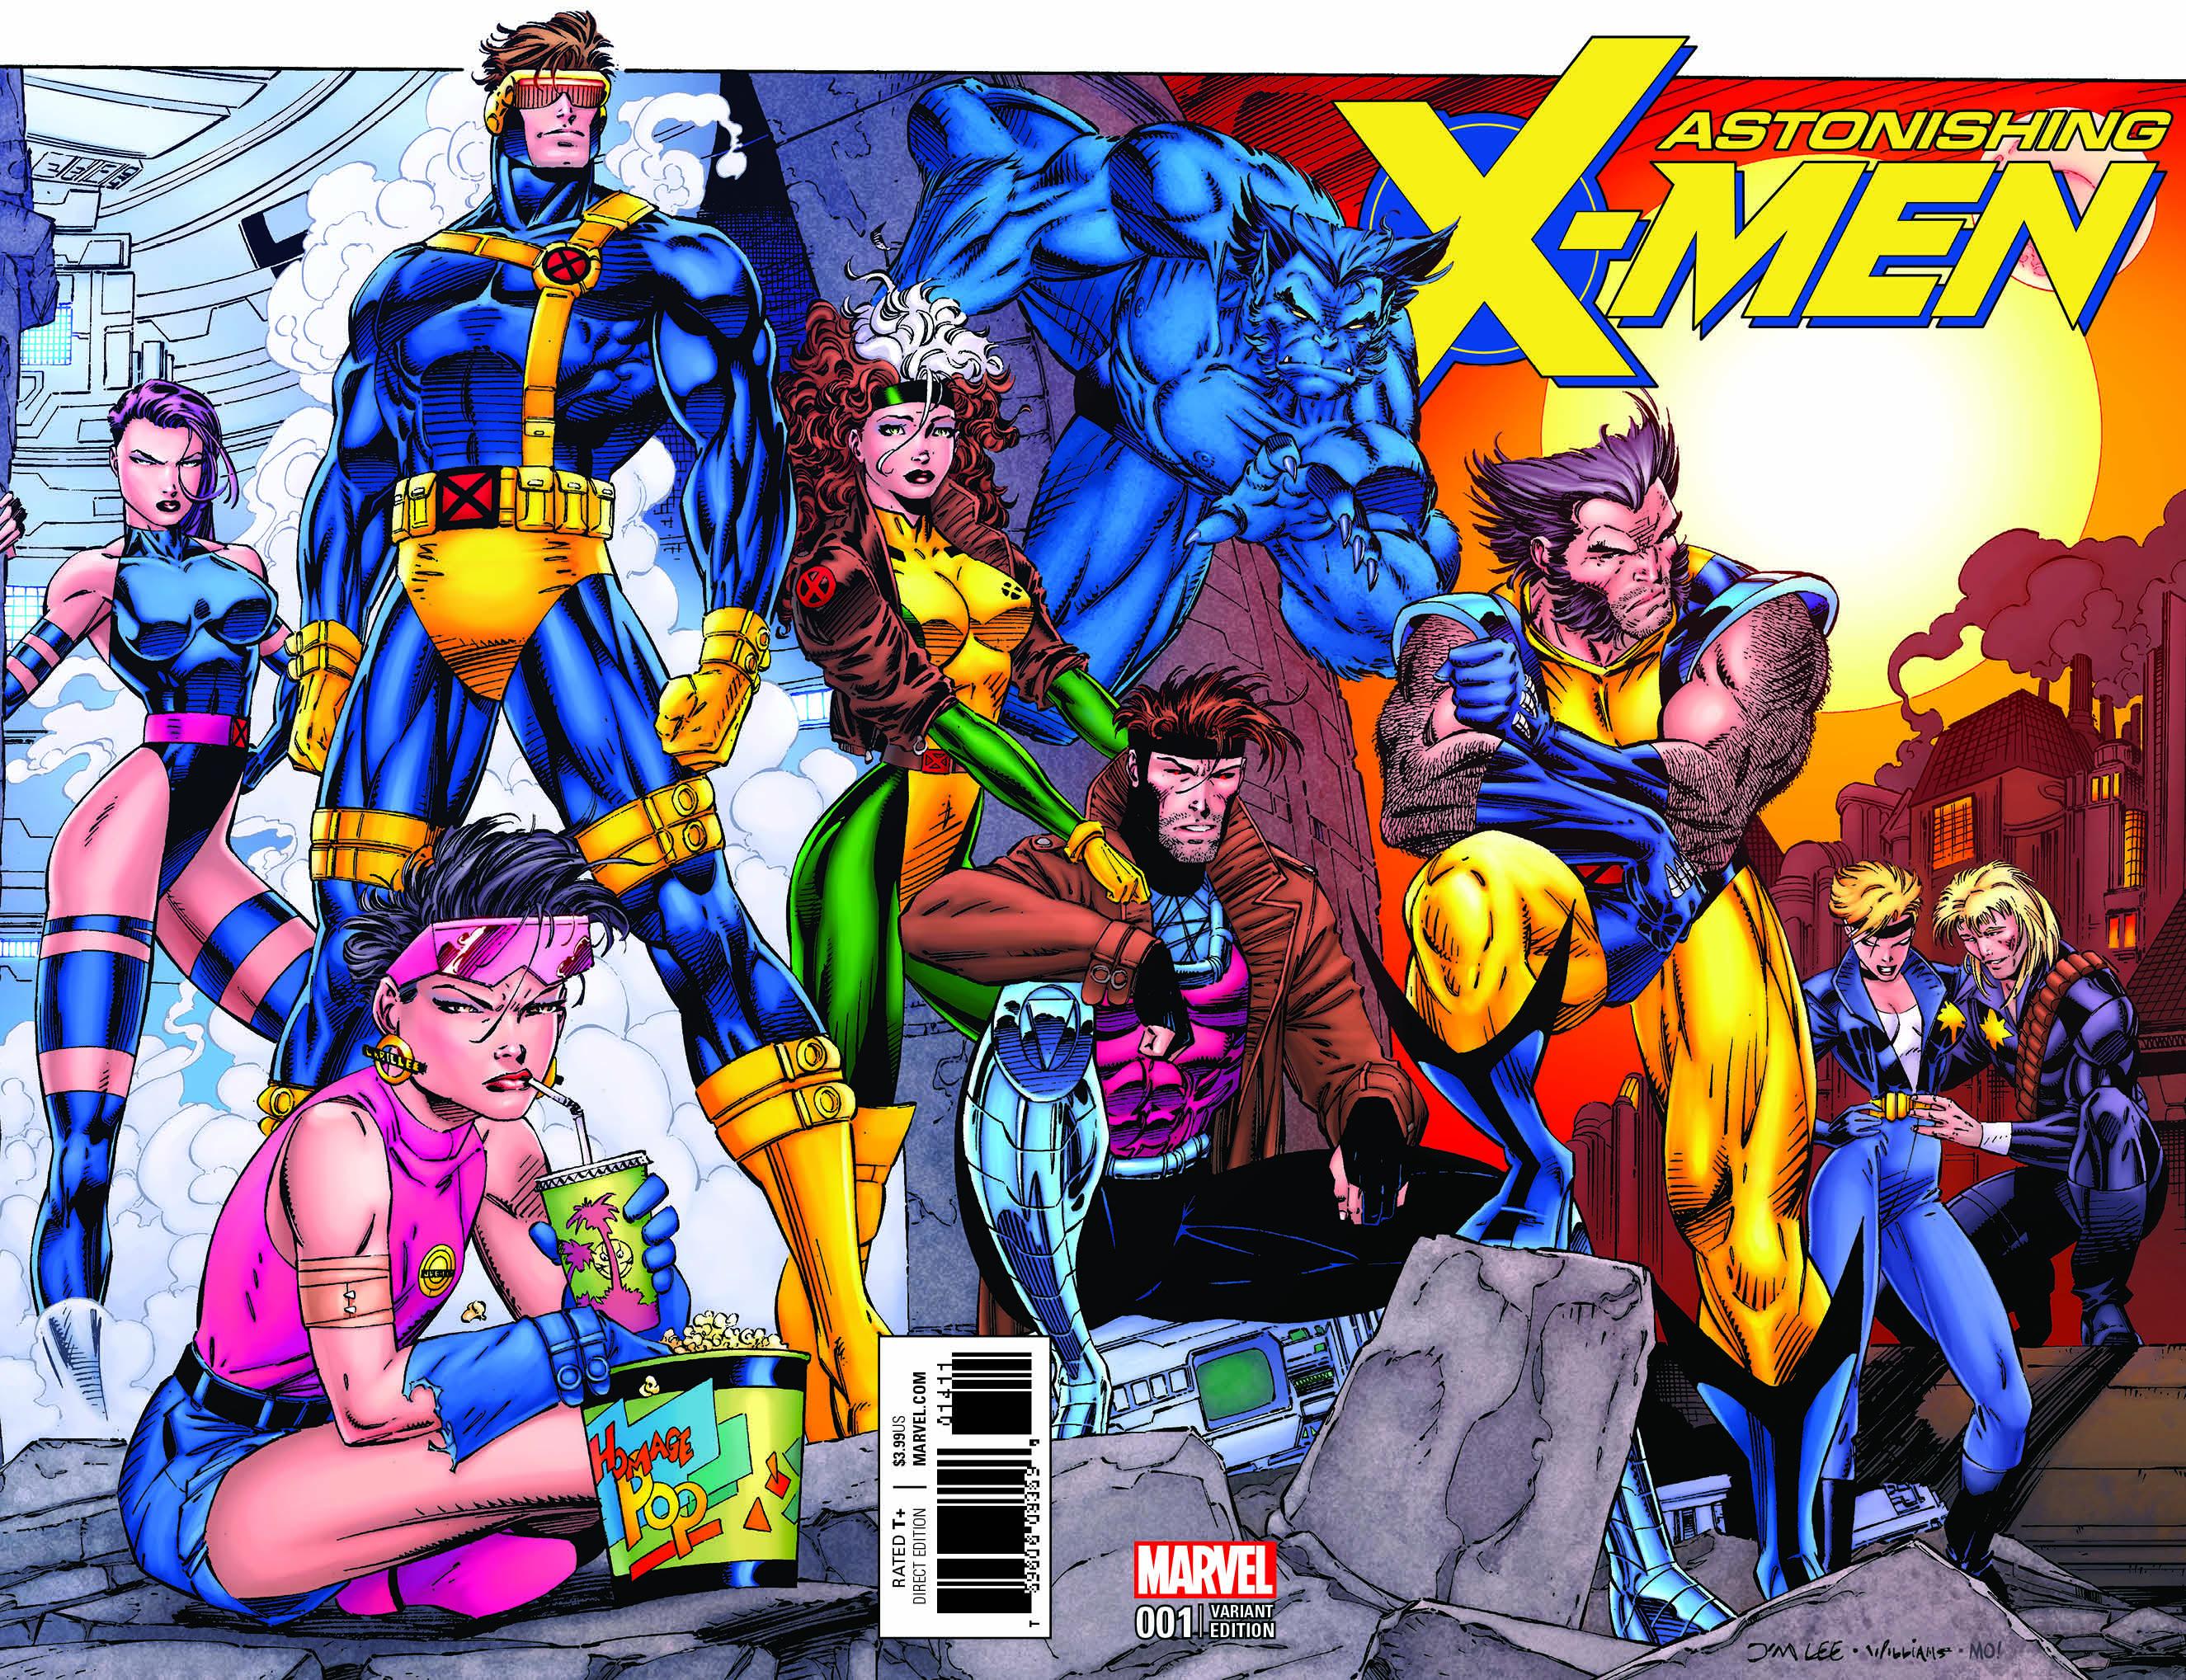 Imagenes De Xmen: ASTONISHING X-MEN #1 JIM LEE REMASTERED VAR